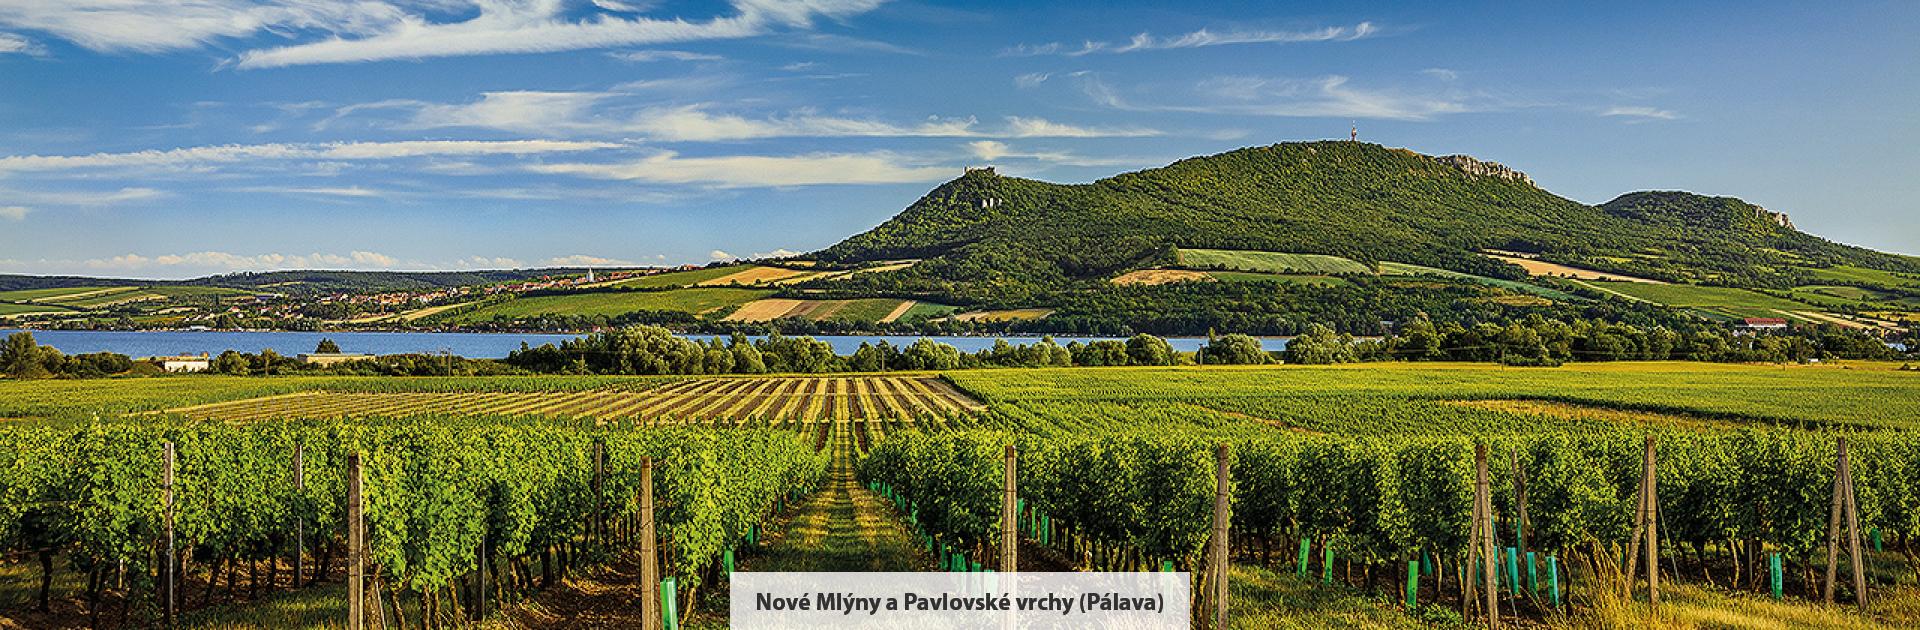 Nové Mlýny a Pavlovské vrchy (Pálava), zdroj: Libor Sváček, archiv Vydavatelství MCU